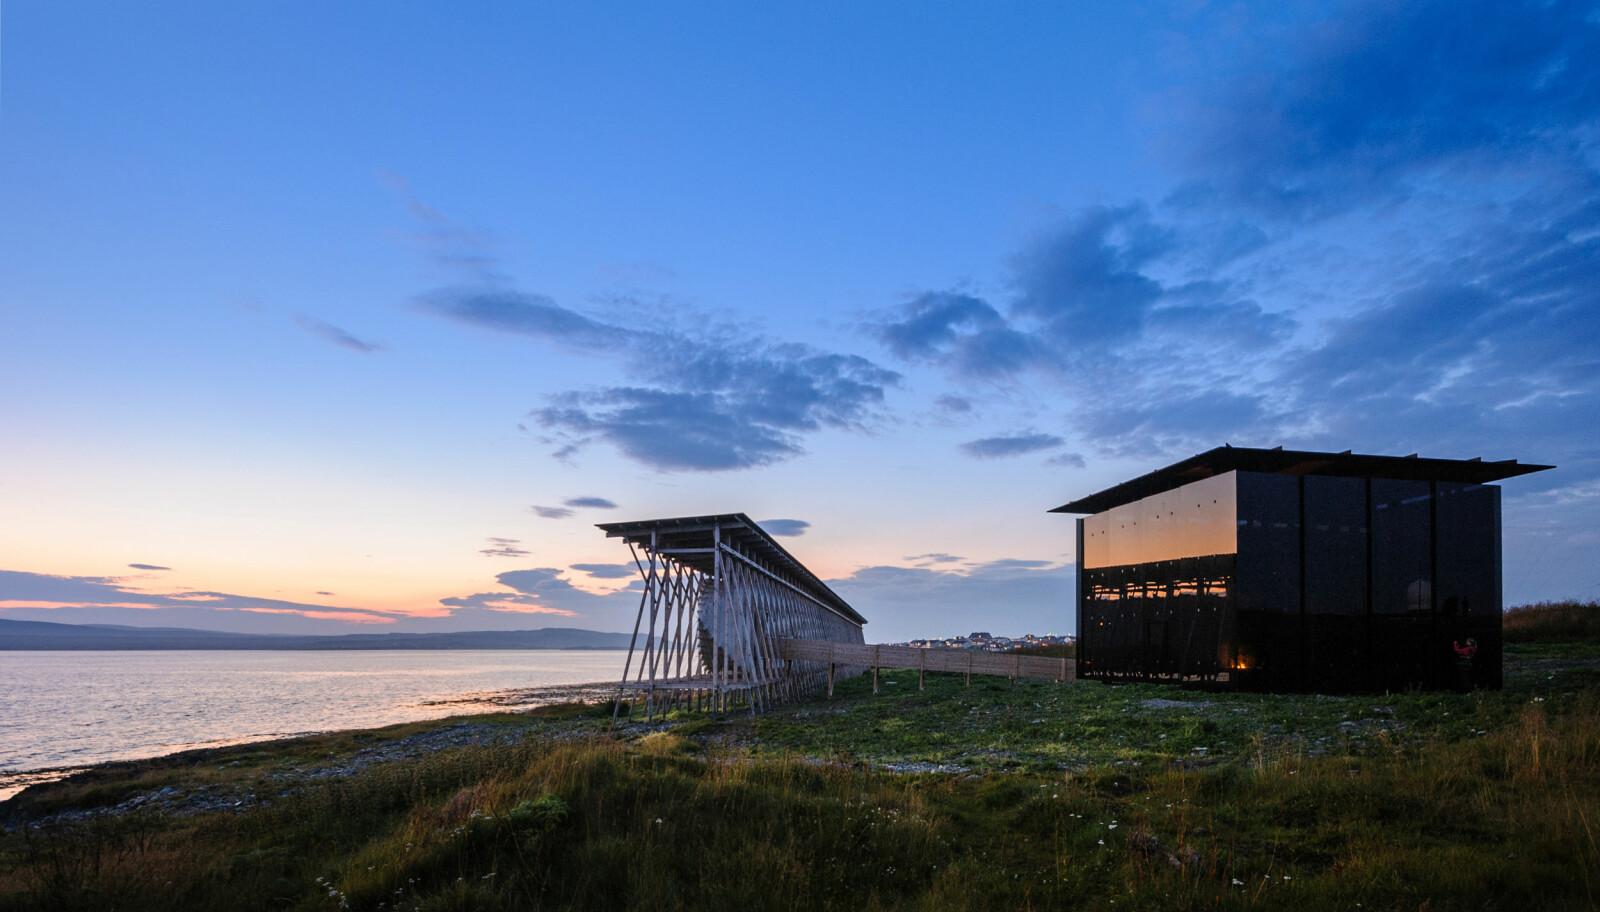 <b>FLAMMEHUSET: </b>Steilneset i Vardø, minnehallen og glassbygget rundt Louise Bourgeois' kunstverk over de 91 som ble brent for trolldomsvirksomhet. Den internasjonalt kjente arkitekten Peter Zumthor har tegnet både minnehallen og glassbygget.